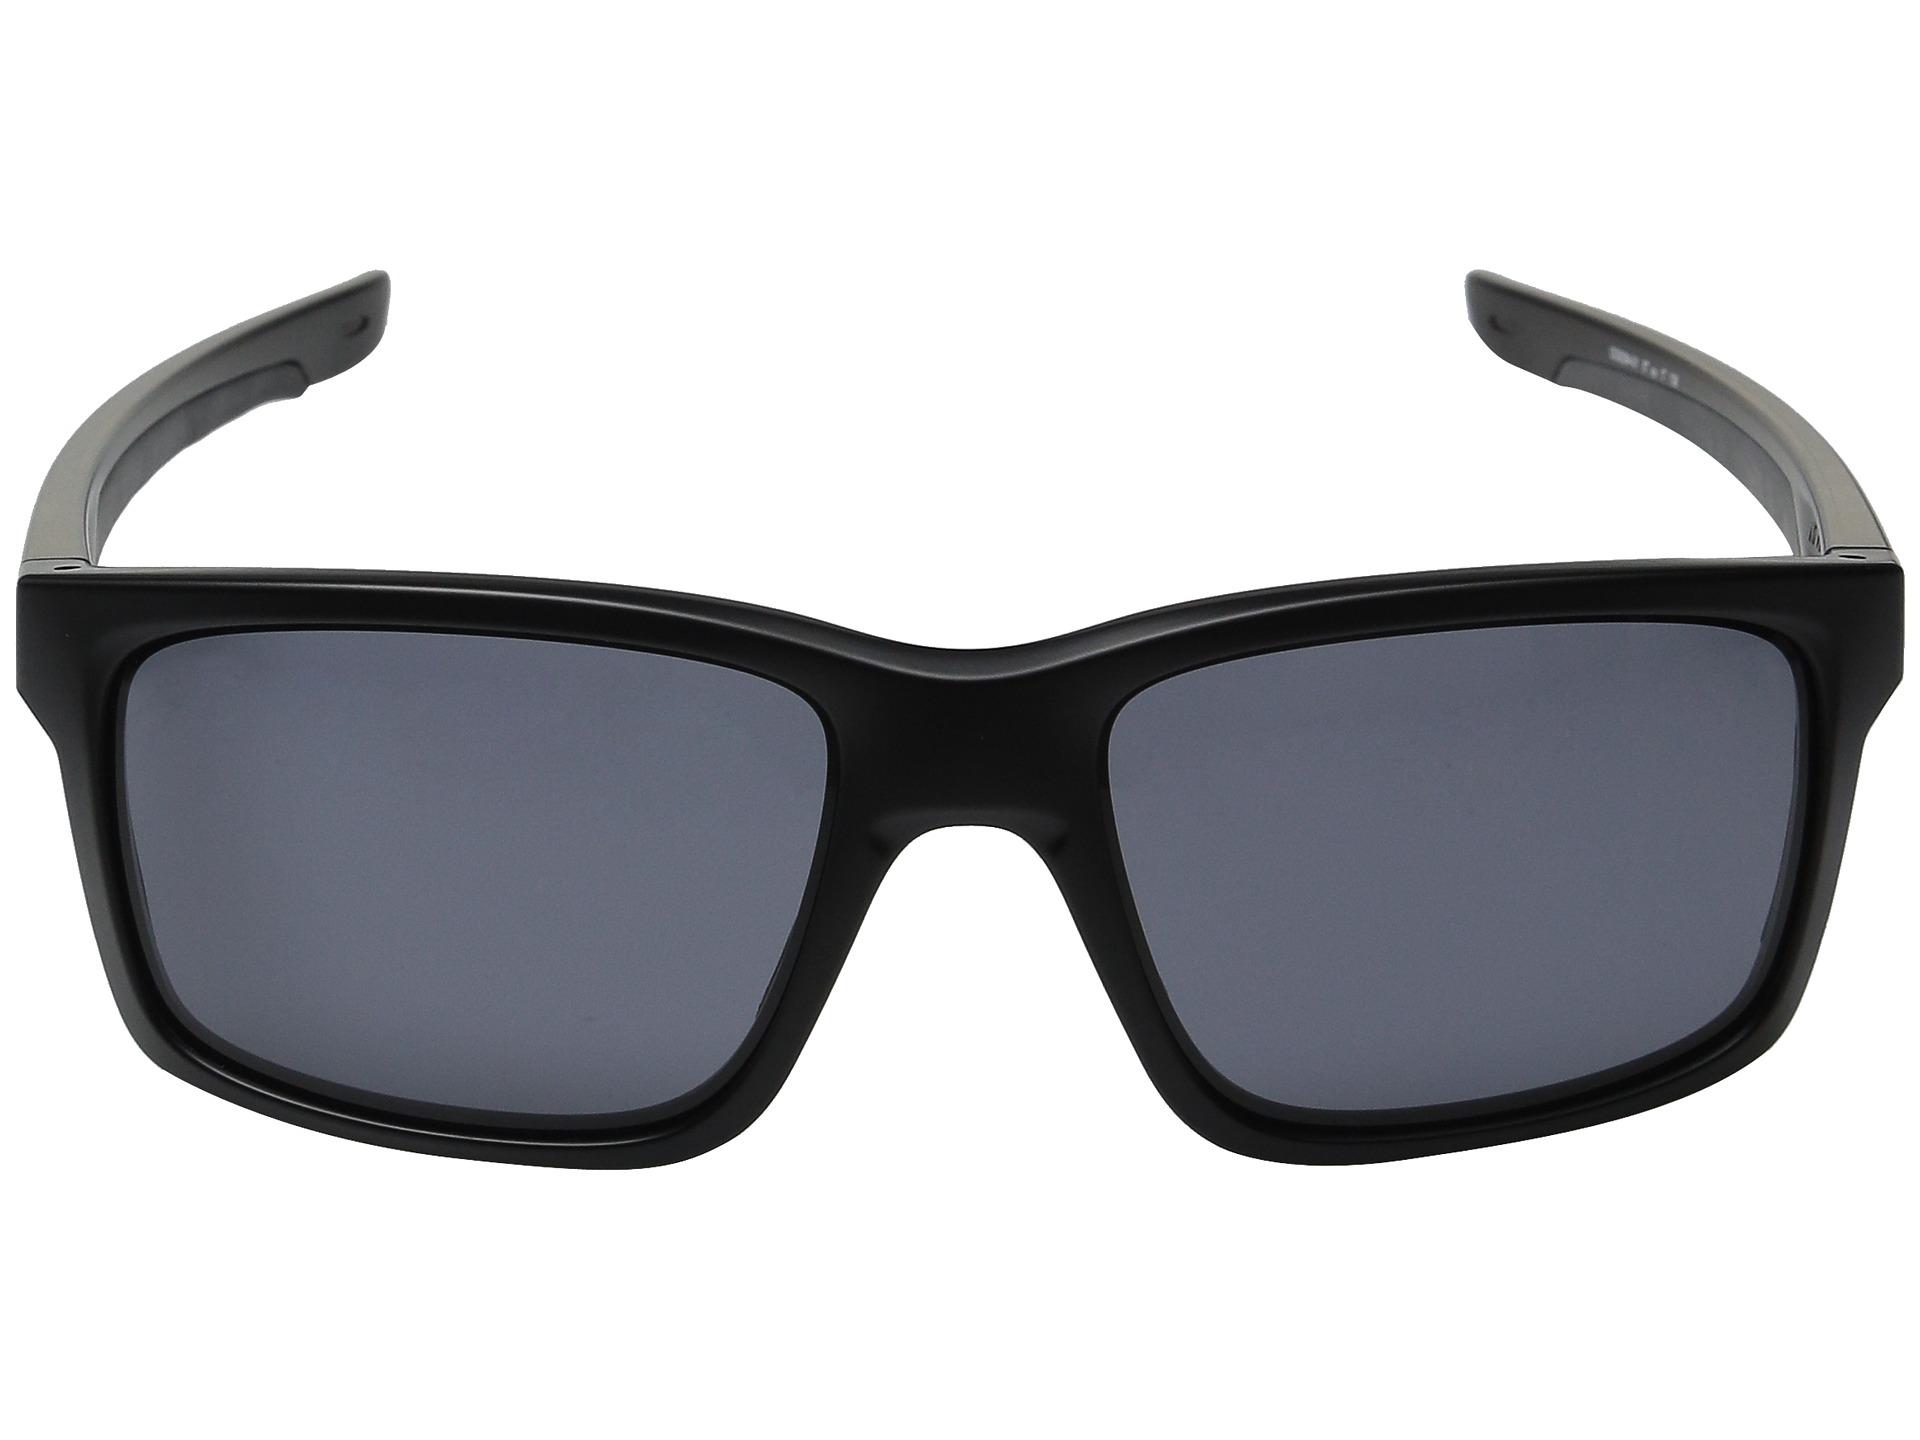 9c067b4e6ad Repair My Oakley Sunglasses « Heritage Malta